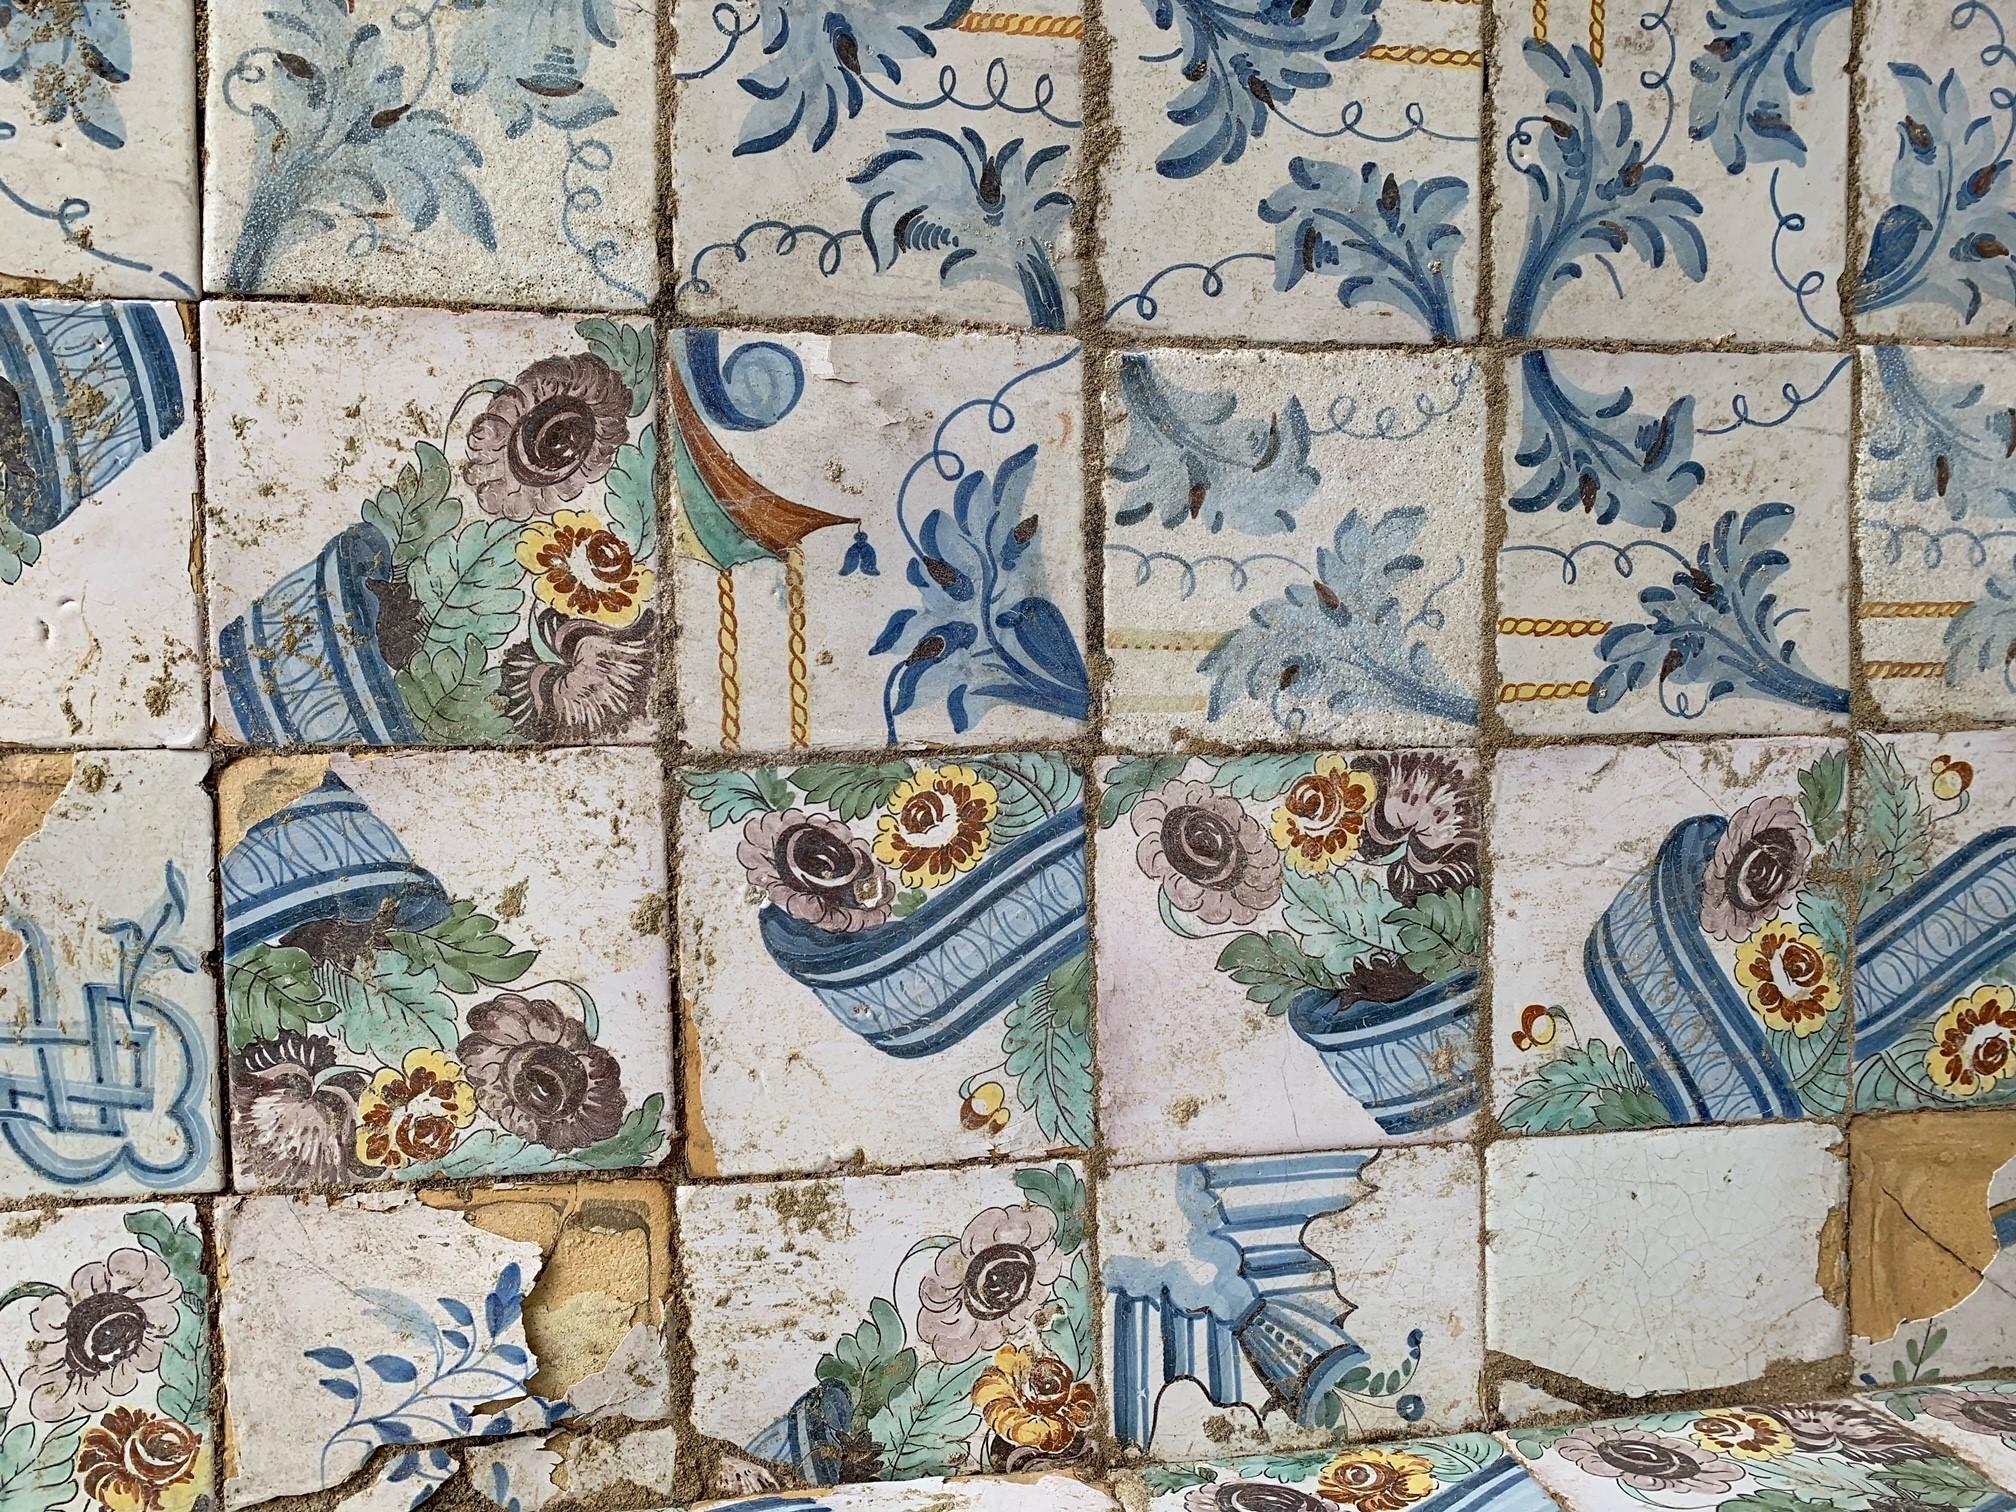 Detall de rajoles decorades amb diferents motius (Fotografia: Miriam Esqué)